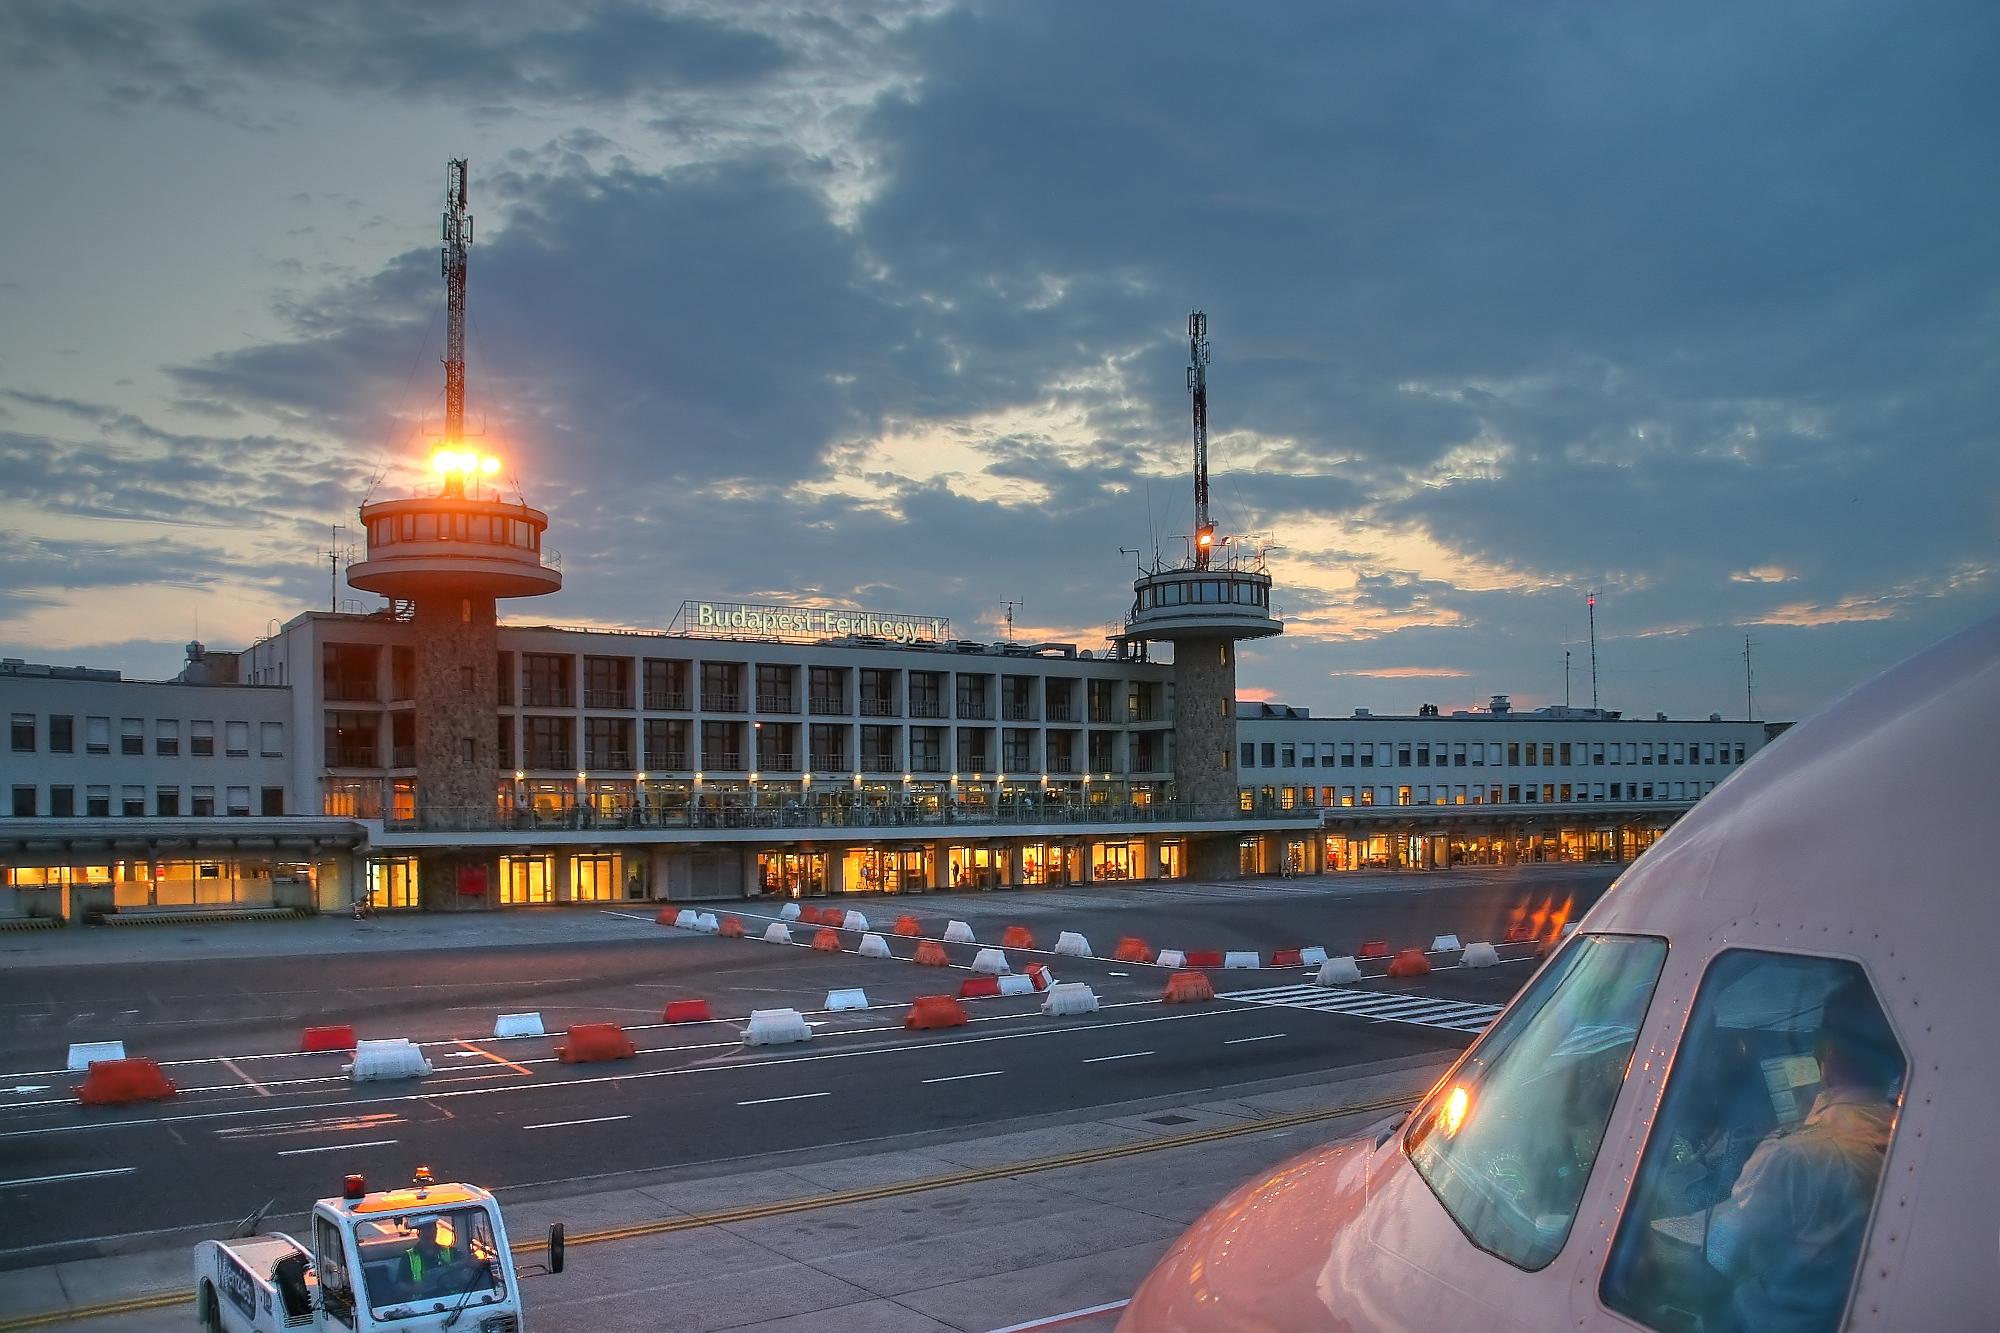 Hungal   BUD Nemzetközi repülőtér légikikötő épülete